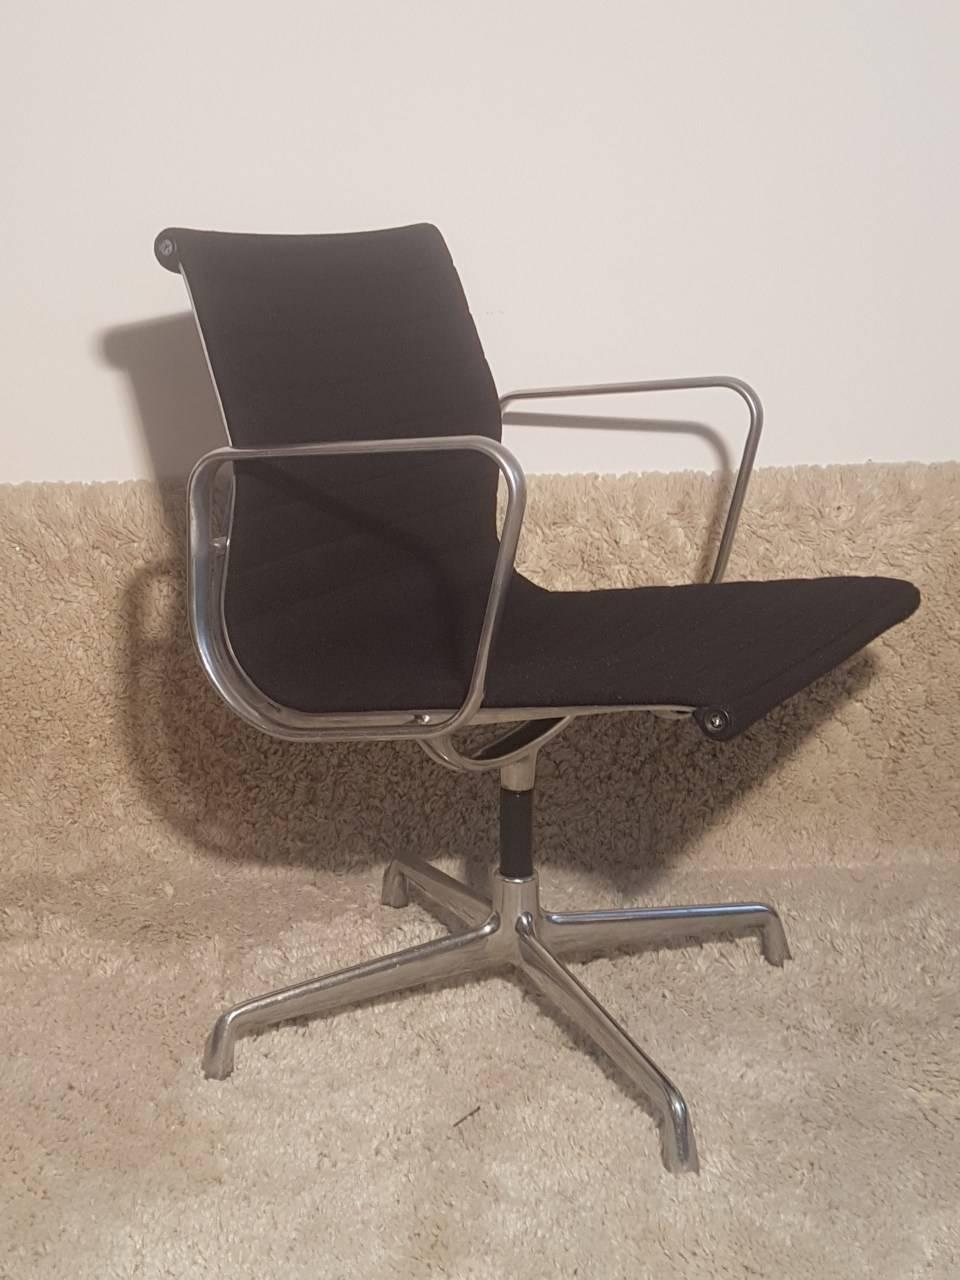 12 fauteuils design vintage charles eames benoit de - Fauteuil charles eames ...